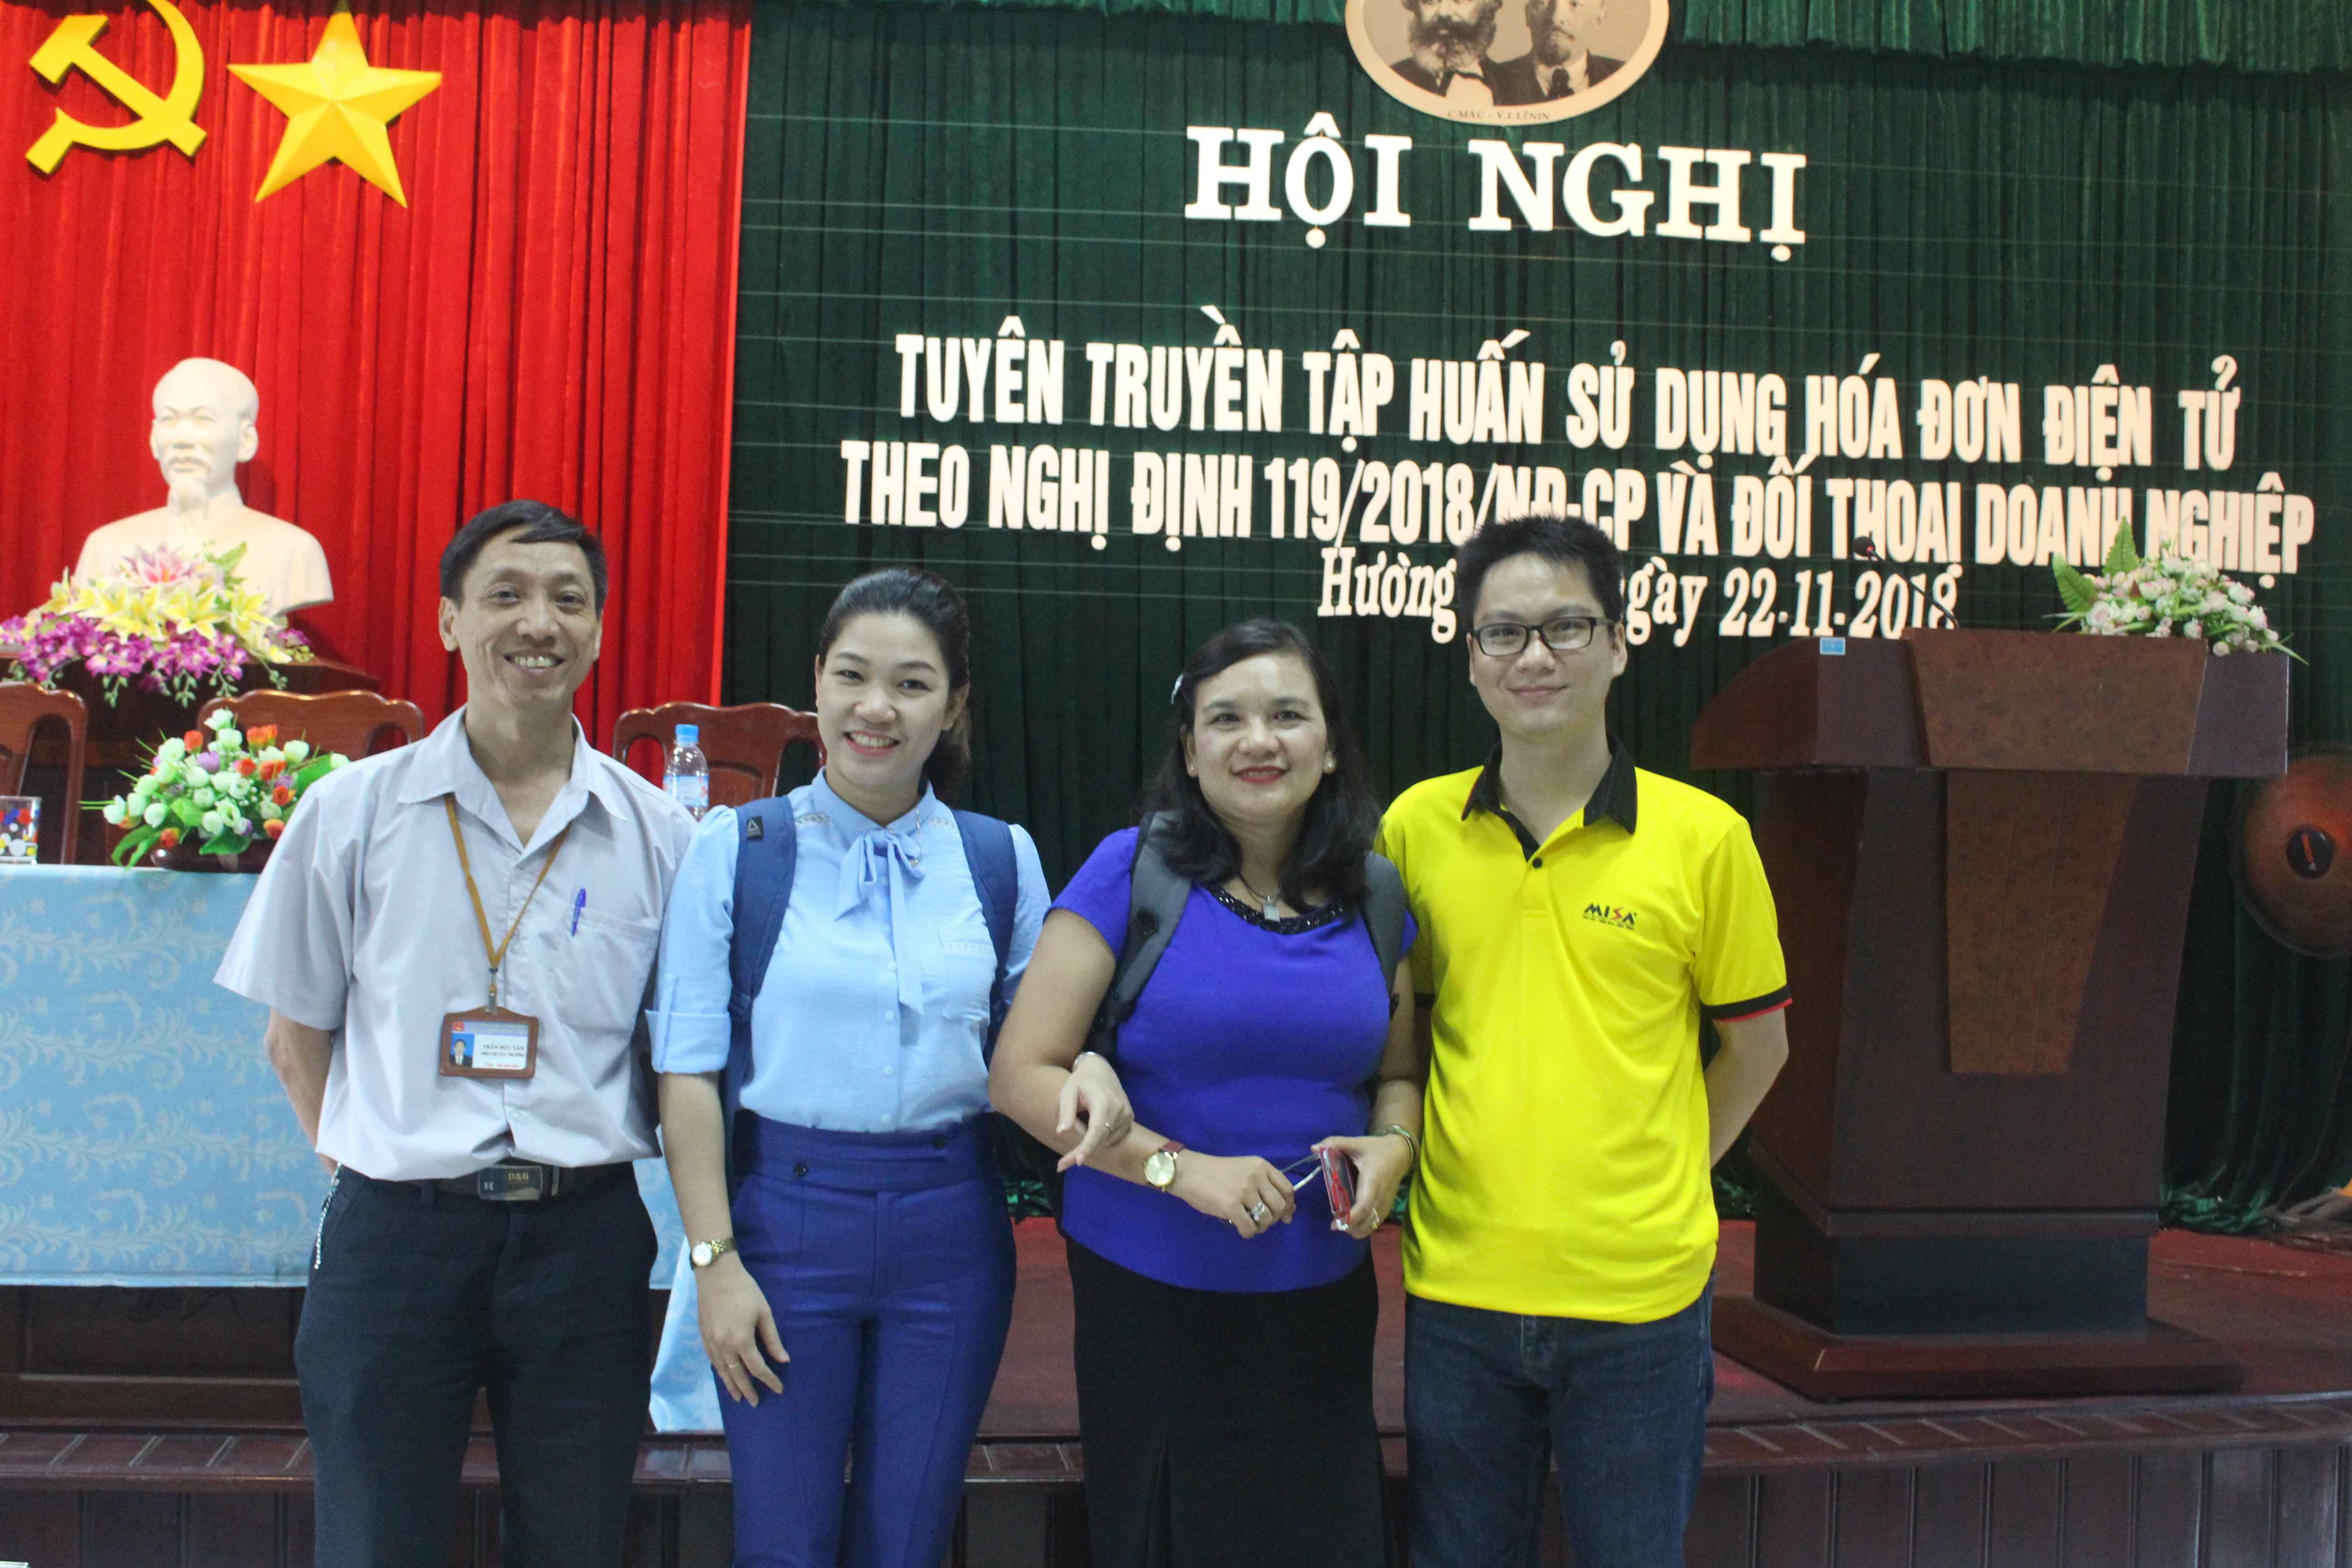 Hội nghị tuyên truyền tập huấn sử dụng hóa đơn điện tử của Chi Cục thuế thị xã Hương Thủy